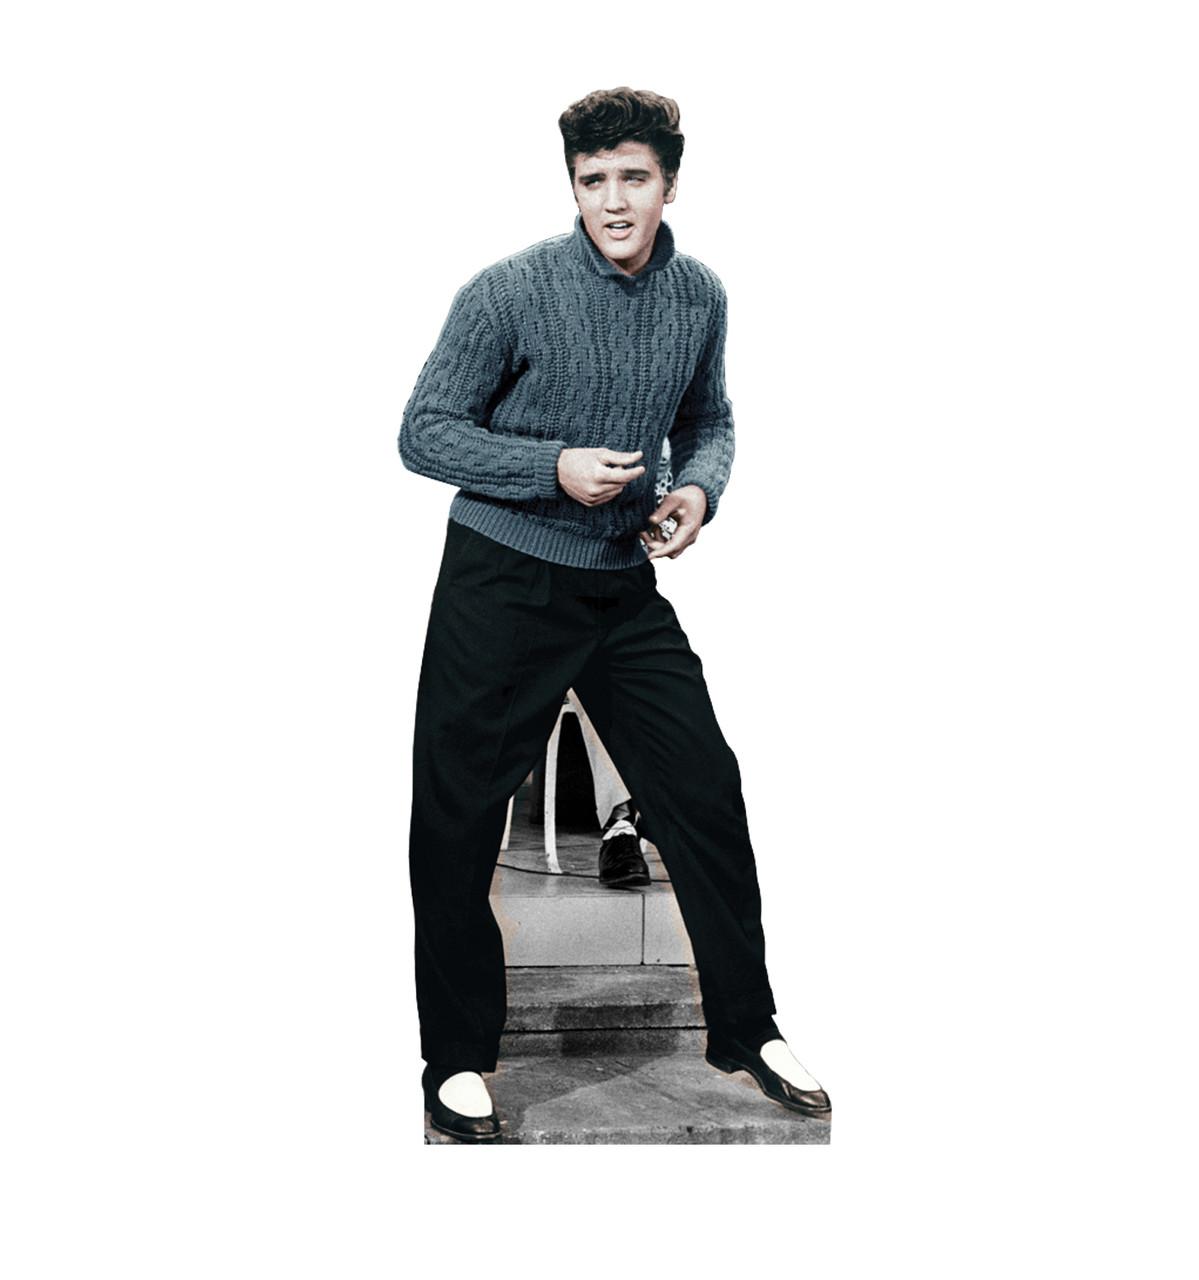 Elvis Blue Sweater Cardboard Cutout 844